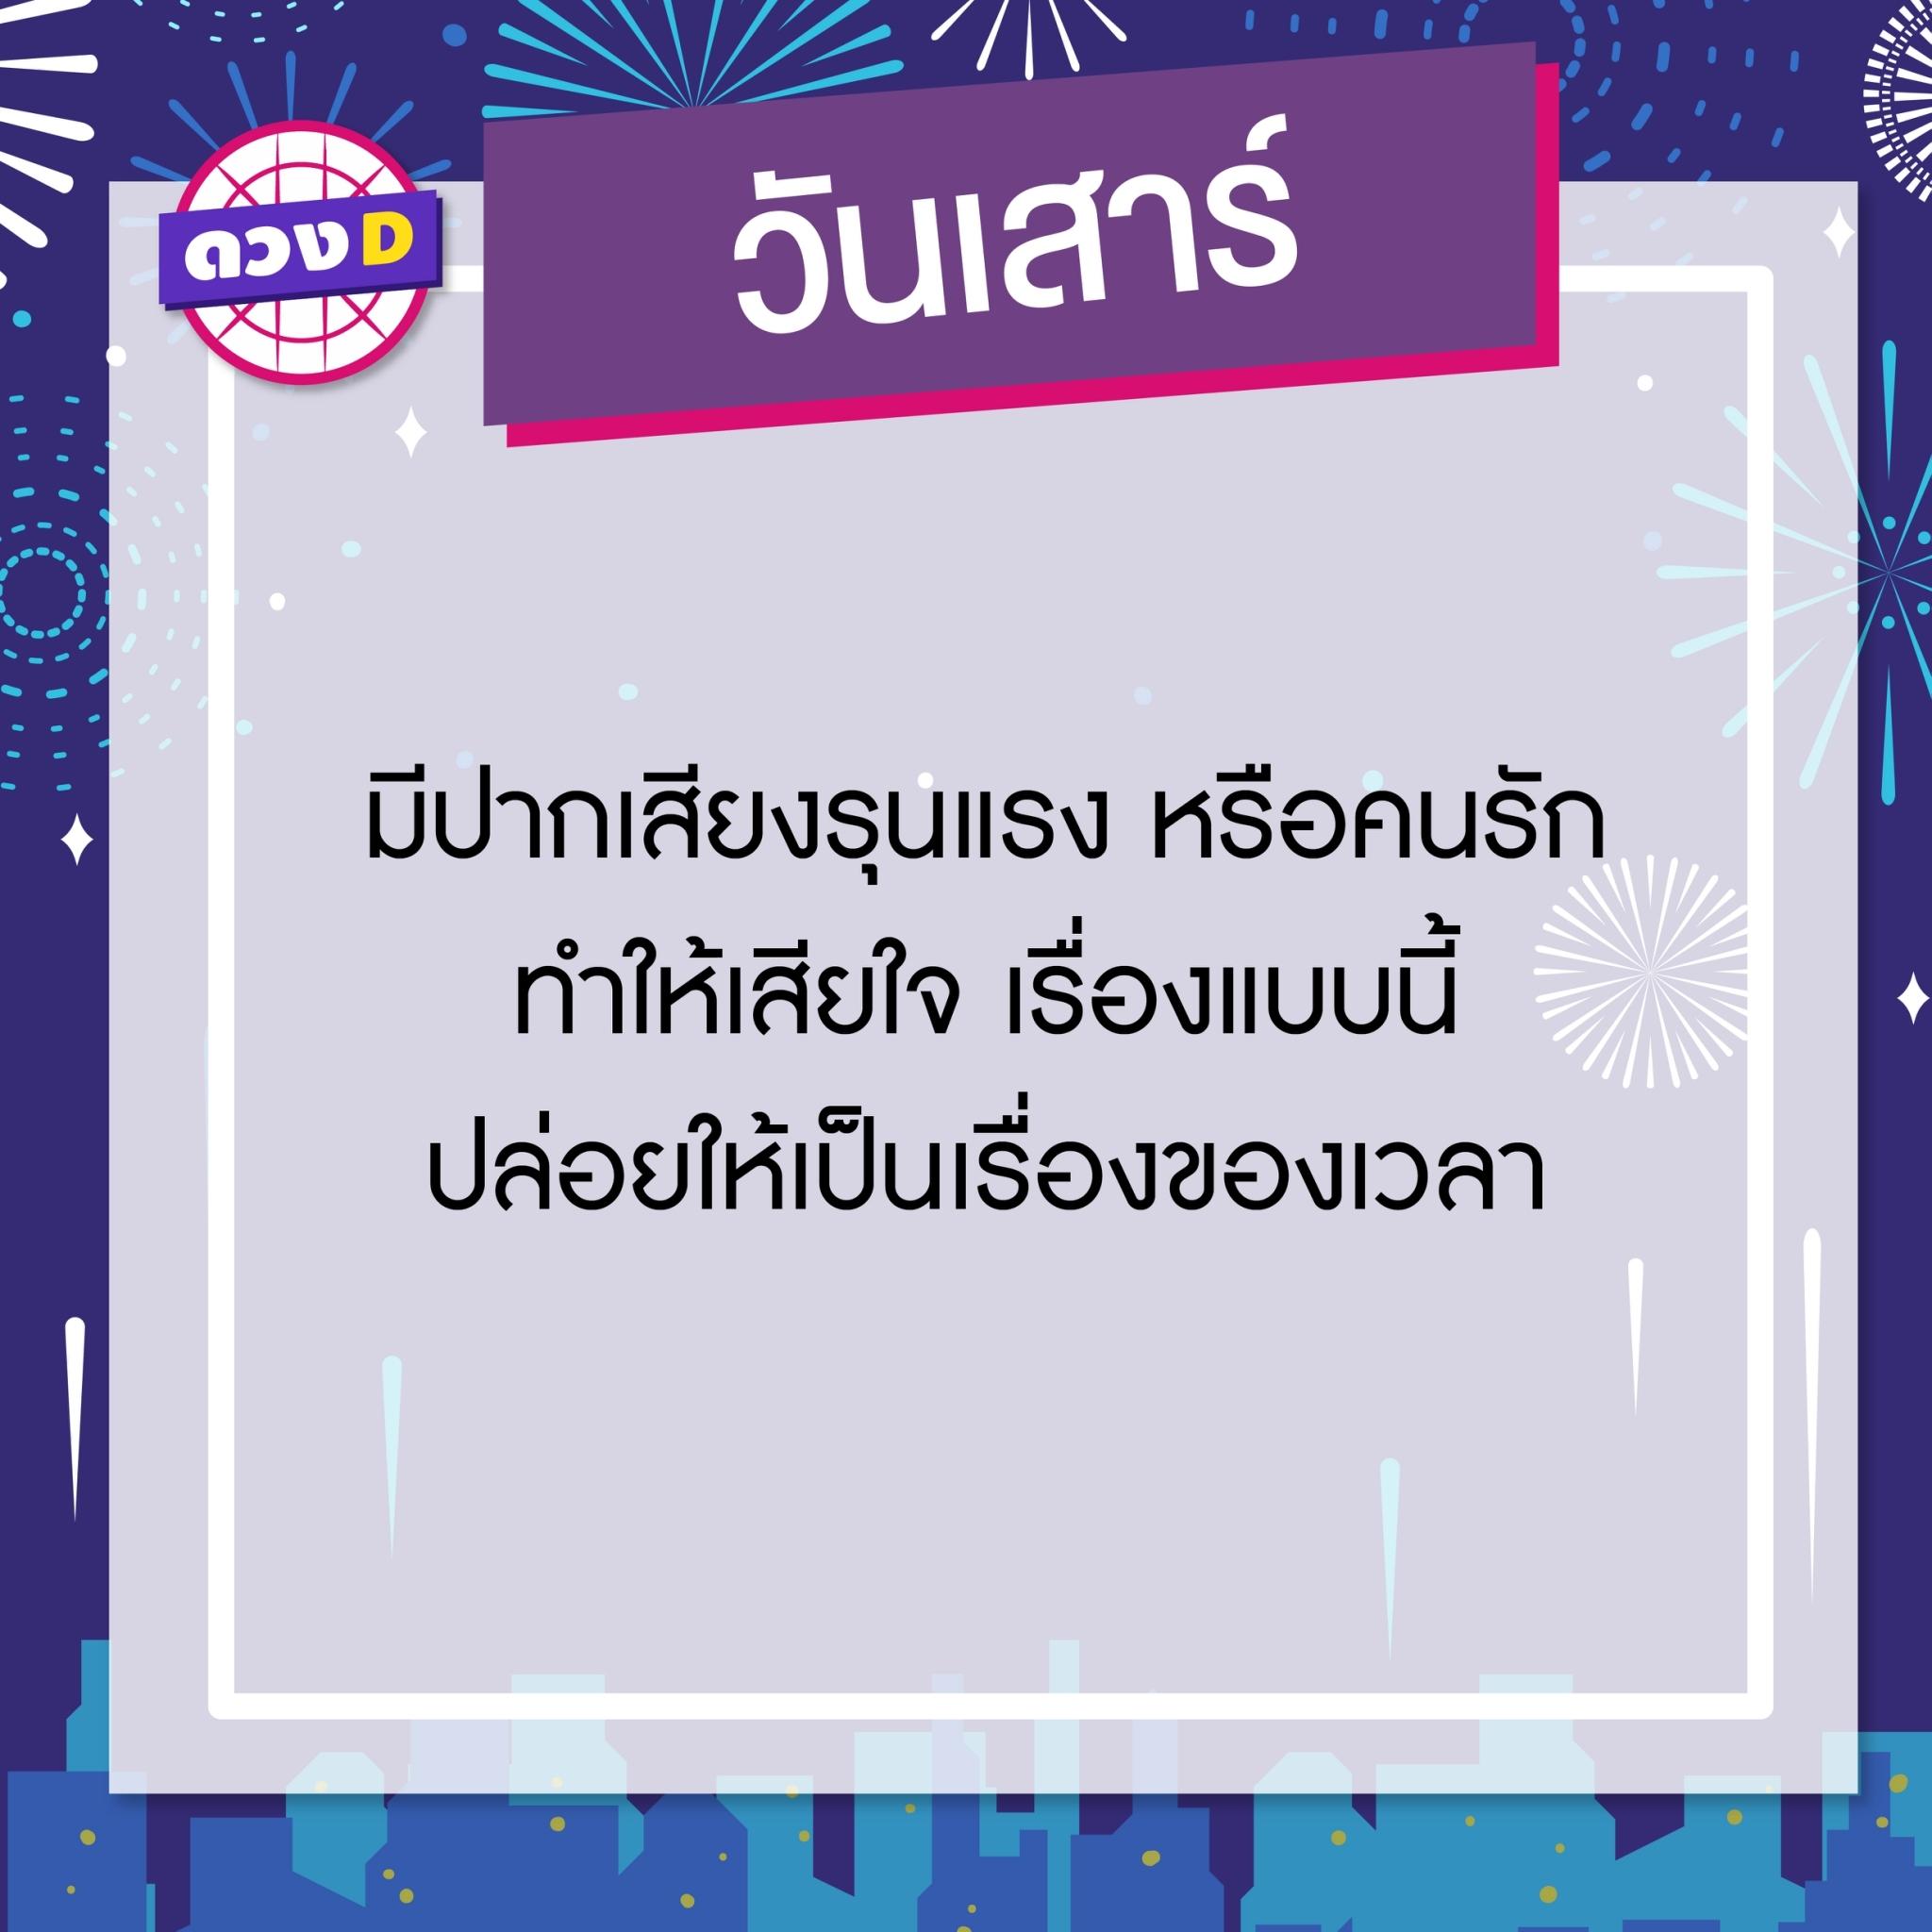 Miss2 (รูป 615/2447)